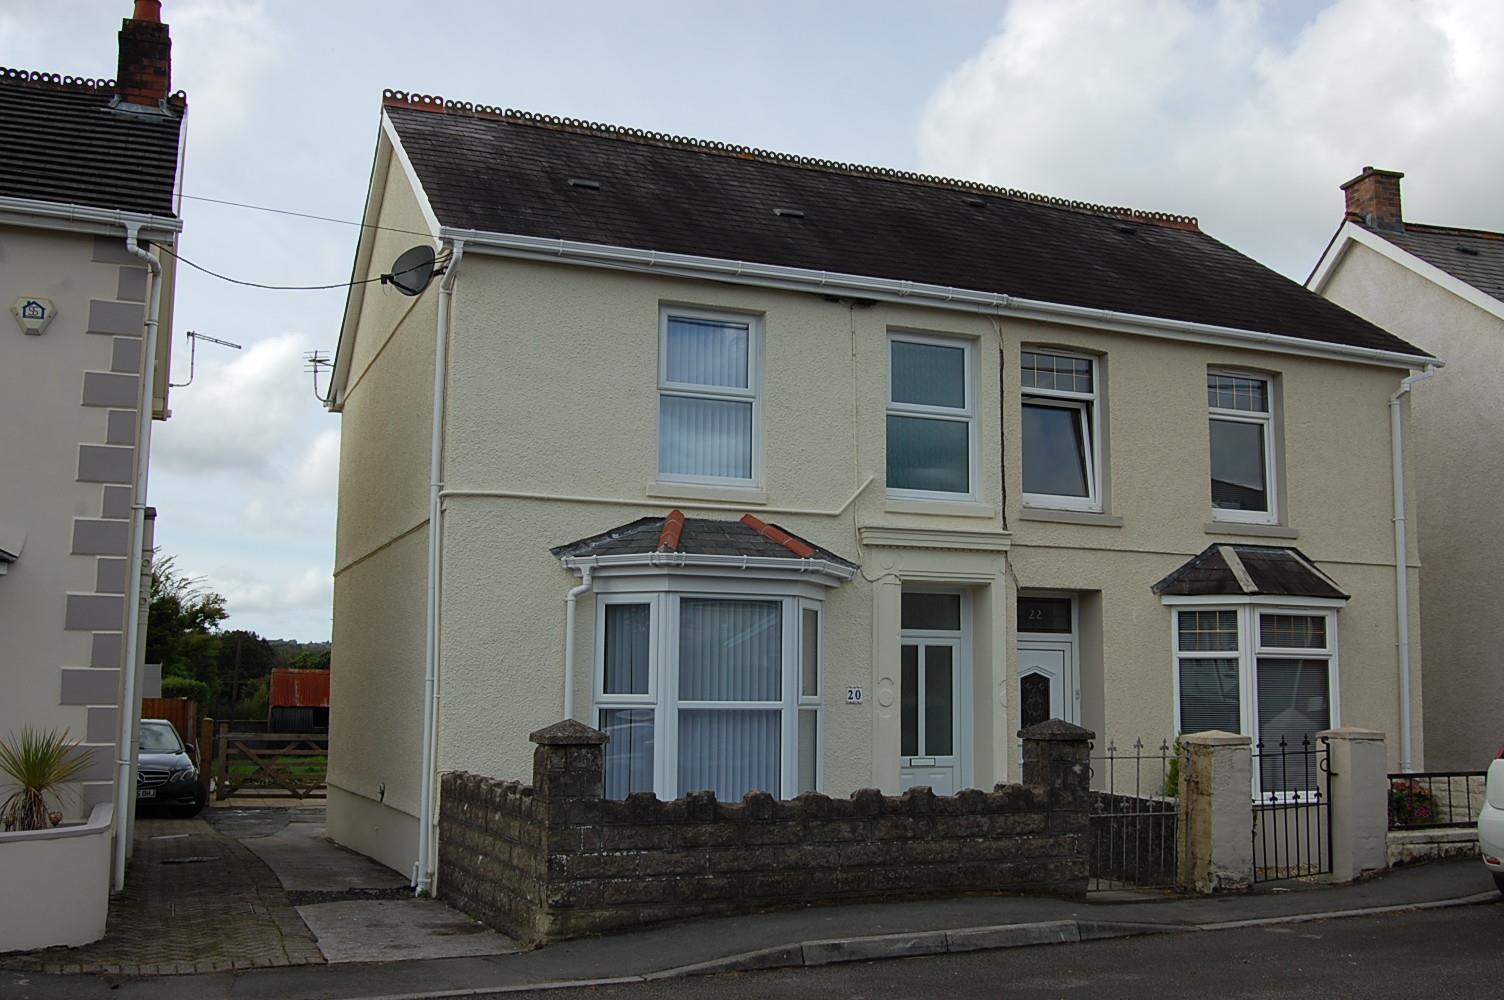 20 Bonllwyn, Ammanford, Carmarthenshire